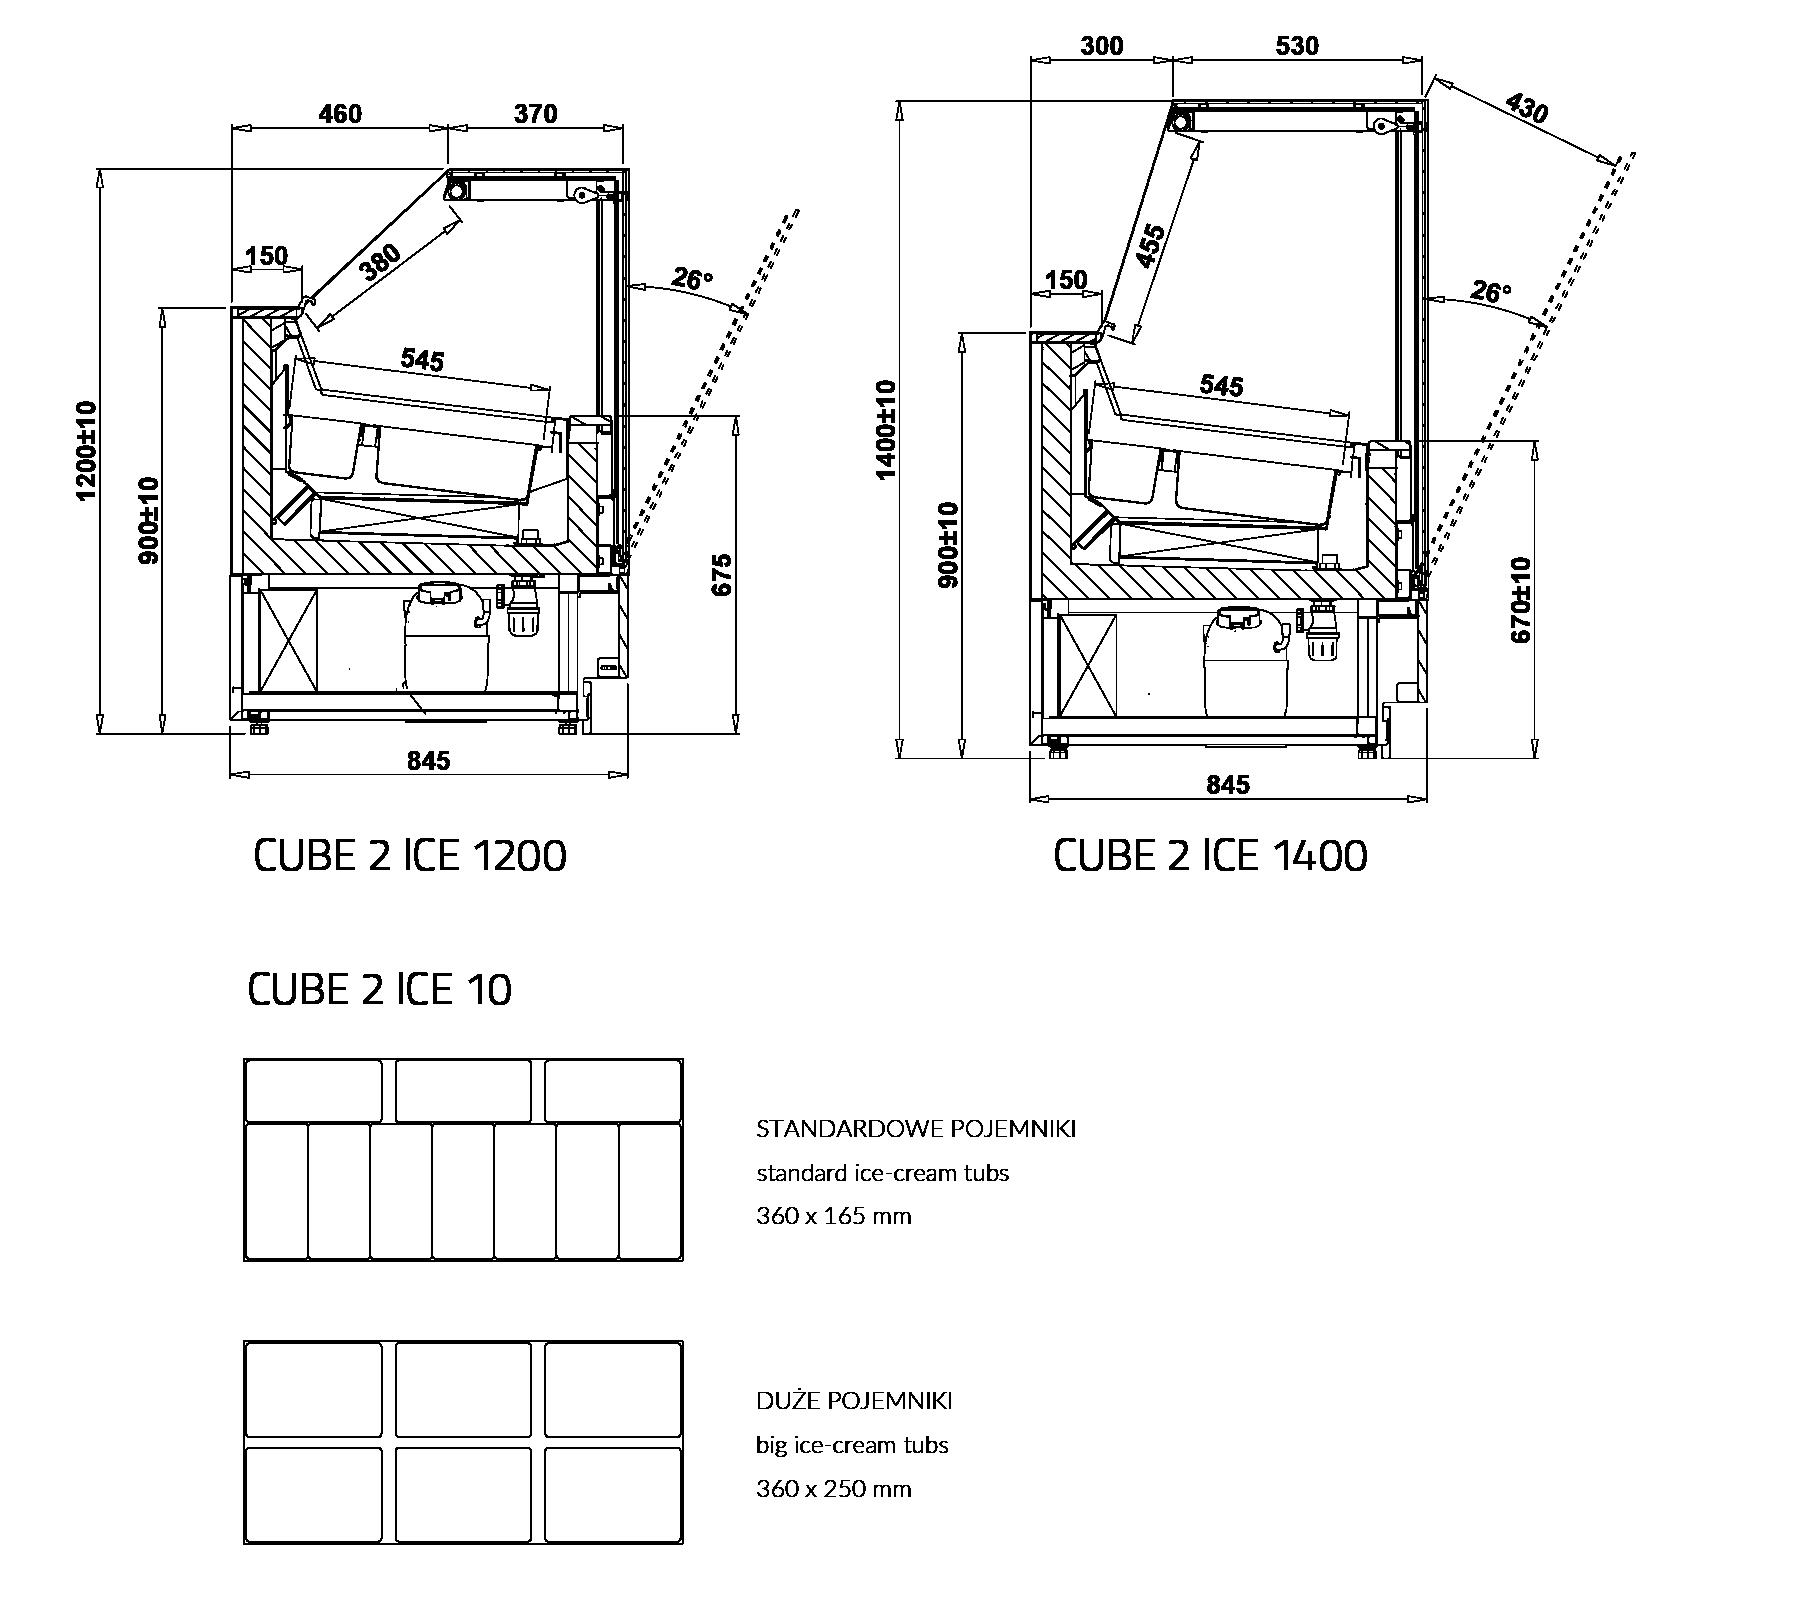 Технический чертеж Салатные витрины CUBE 2 ICE